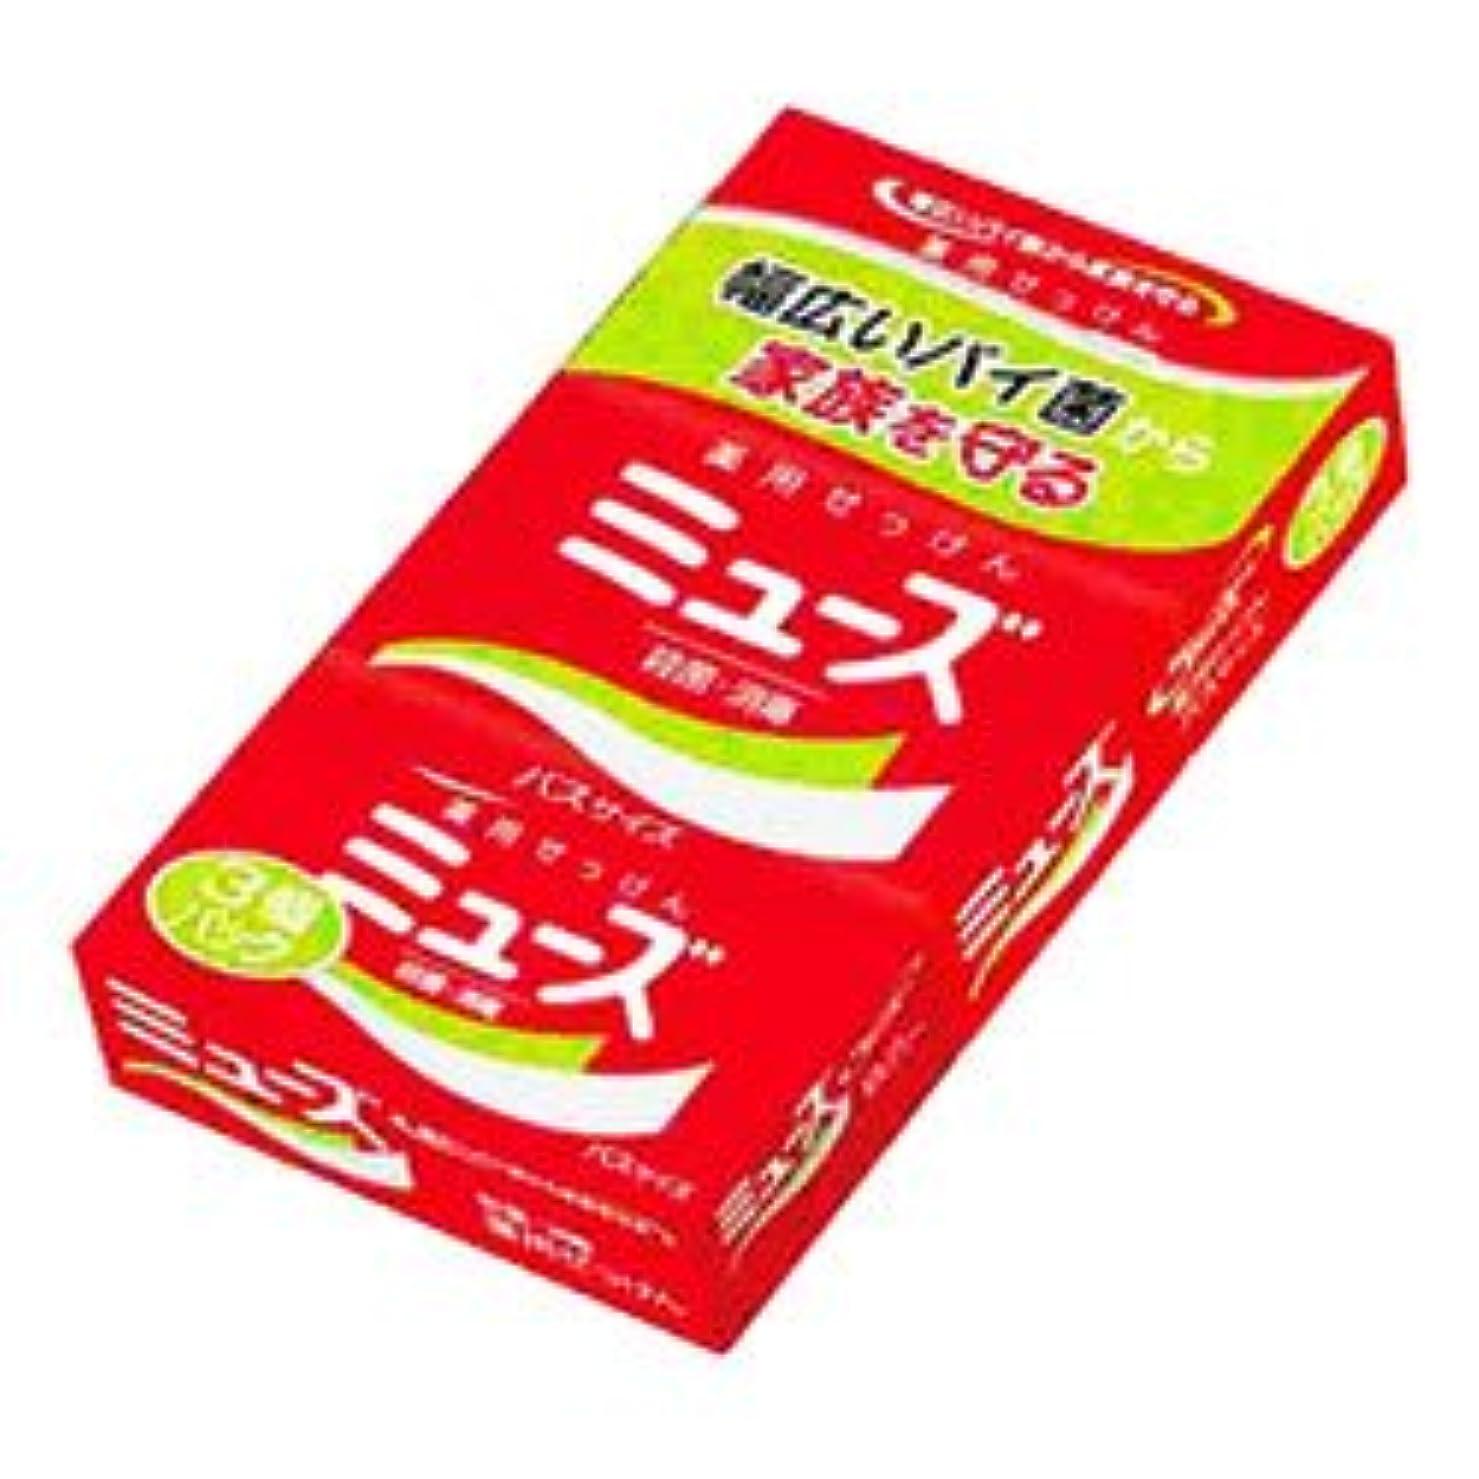 腐敗夢中時計【アース製薬】ミューズ石鹸 バスサイズ 135g*3 ×20個セット